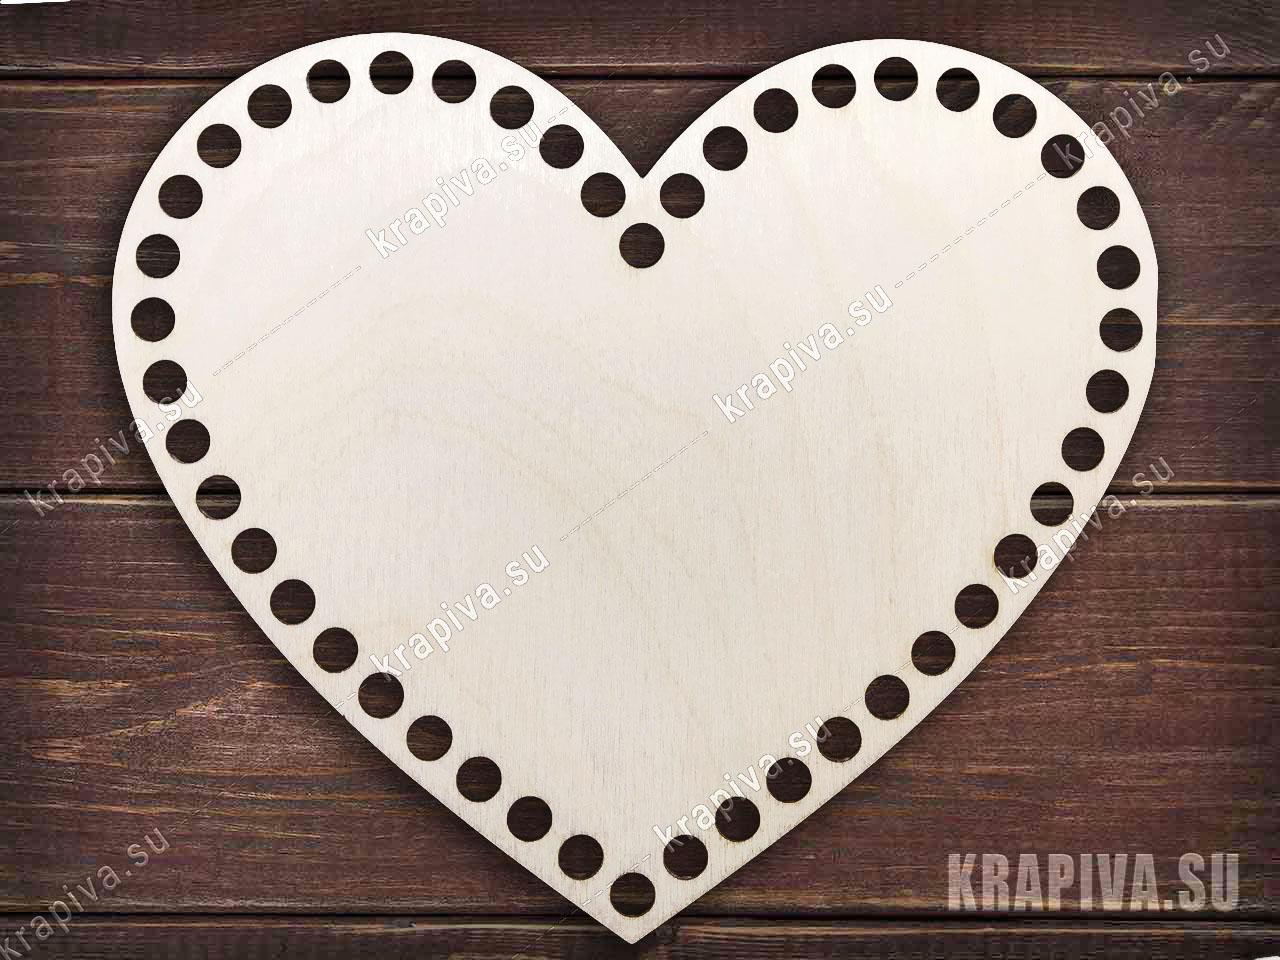 Донышко для корзины в форме сердца за 90 руб. в магазине Крапива (krapiva.su) (фото)